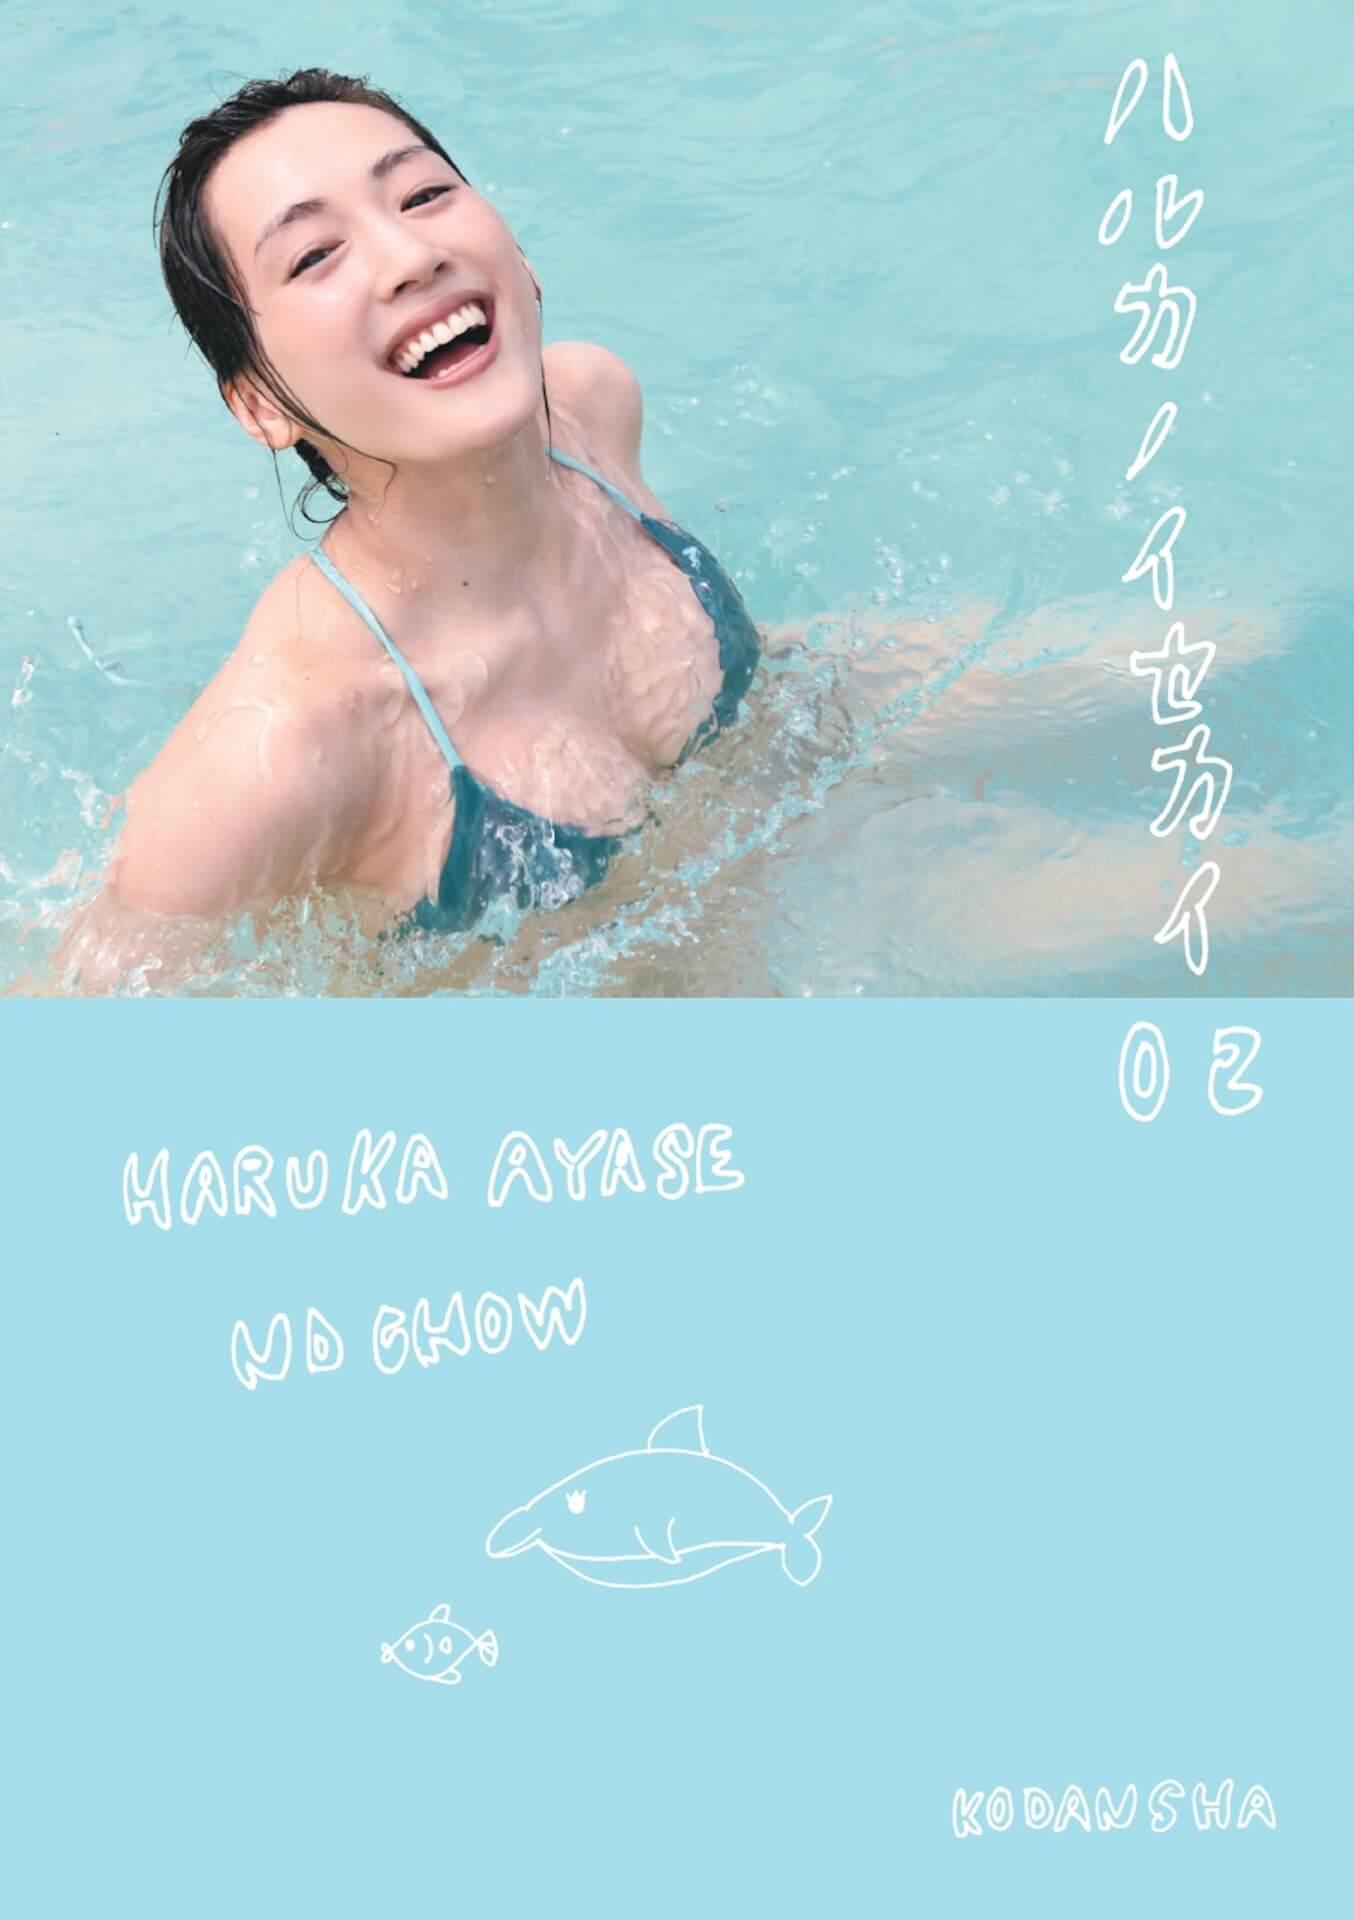 綾瀬はるかのたわわな姿も収録されたフォトブック『ハルカノイセカイ』シリーズが電子版としてリリース! art200612_ayaseharuka_1